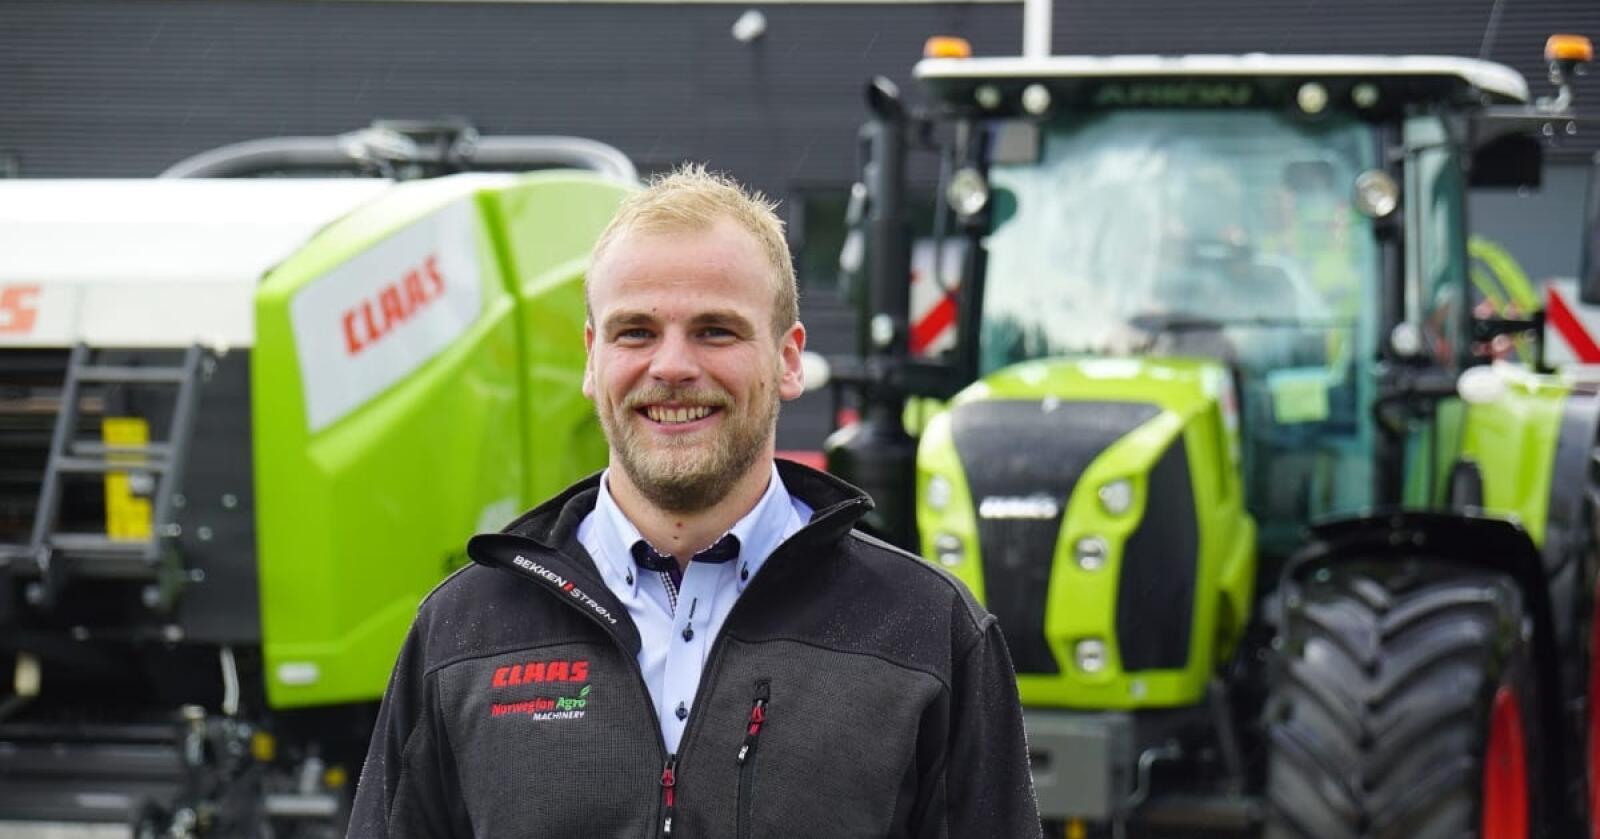 Håvard Johansen Lindgaard er ny salgs og produktsjef for Claas traktorer i Norge,og skal hjelpe til med å få enda flere kunder til å velge lysegrønne traktorer fra Le-Mans fabrikken.